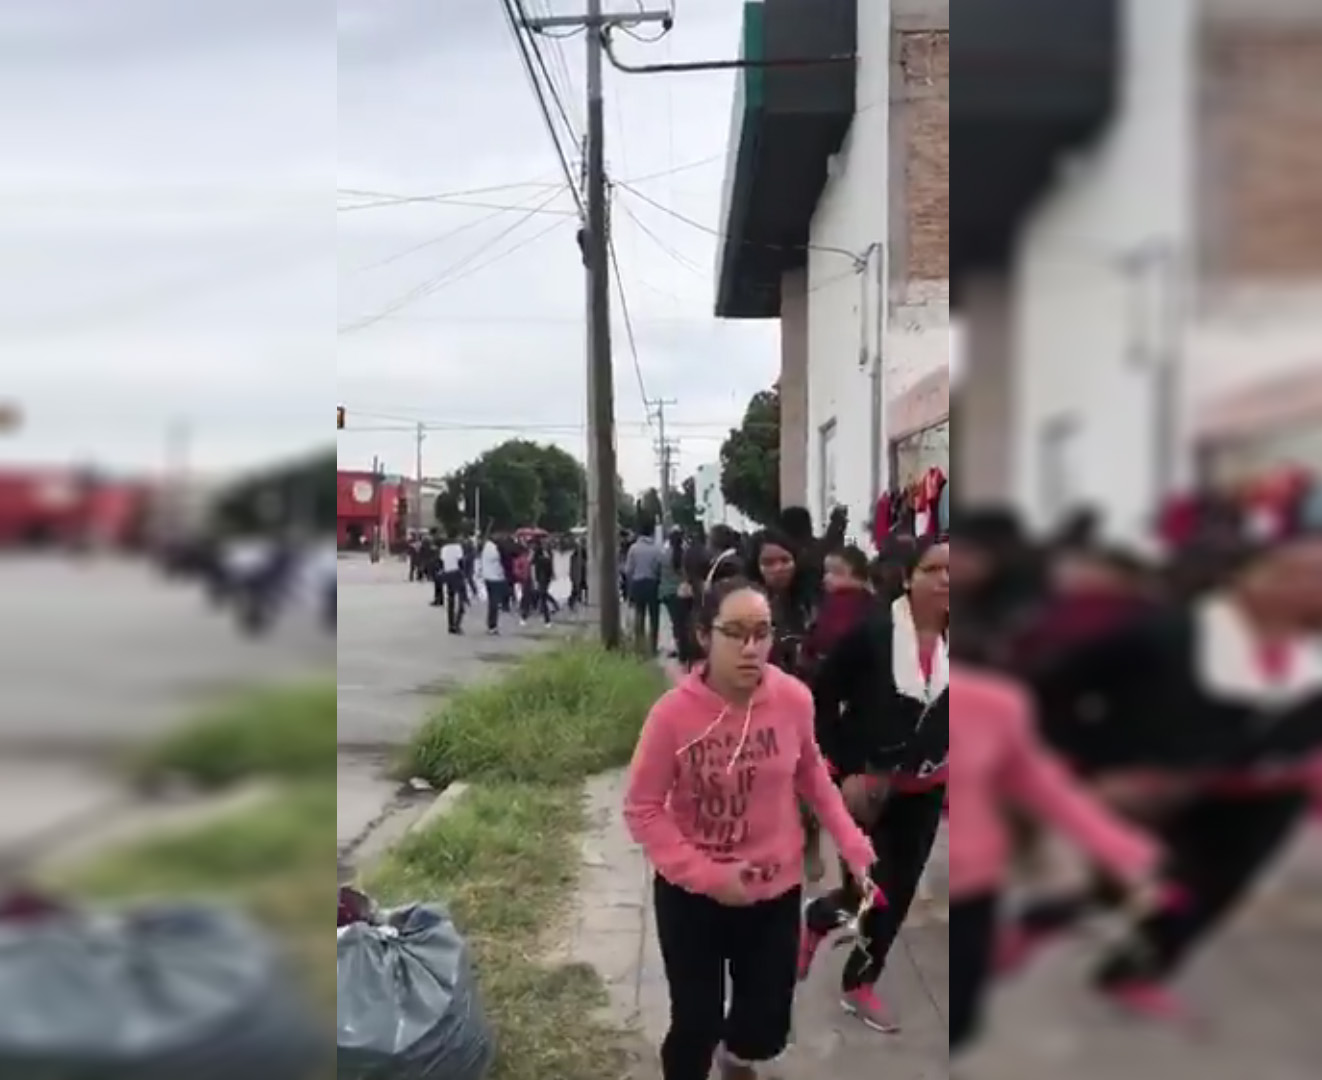 Maestra, Torreo, Desfile, Revolución Mexicana, Revolución, Coahuila, Torreón, Matan, Estudiantes, Desfile,